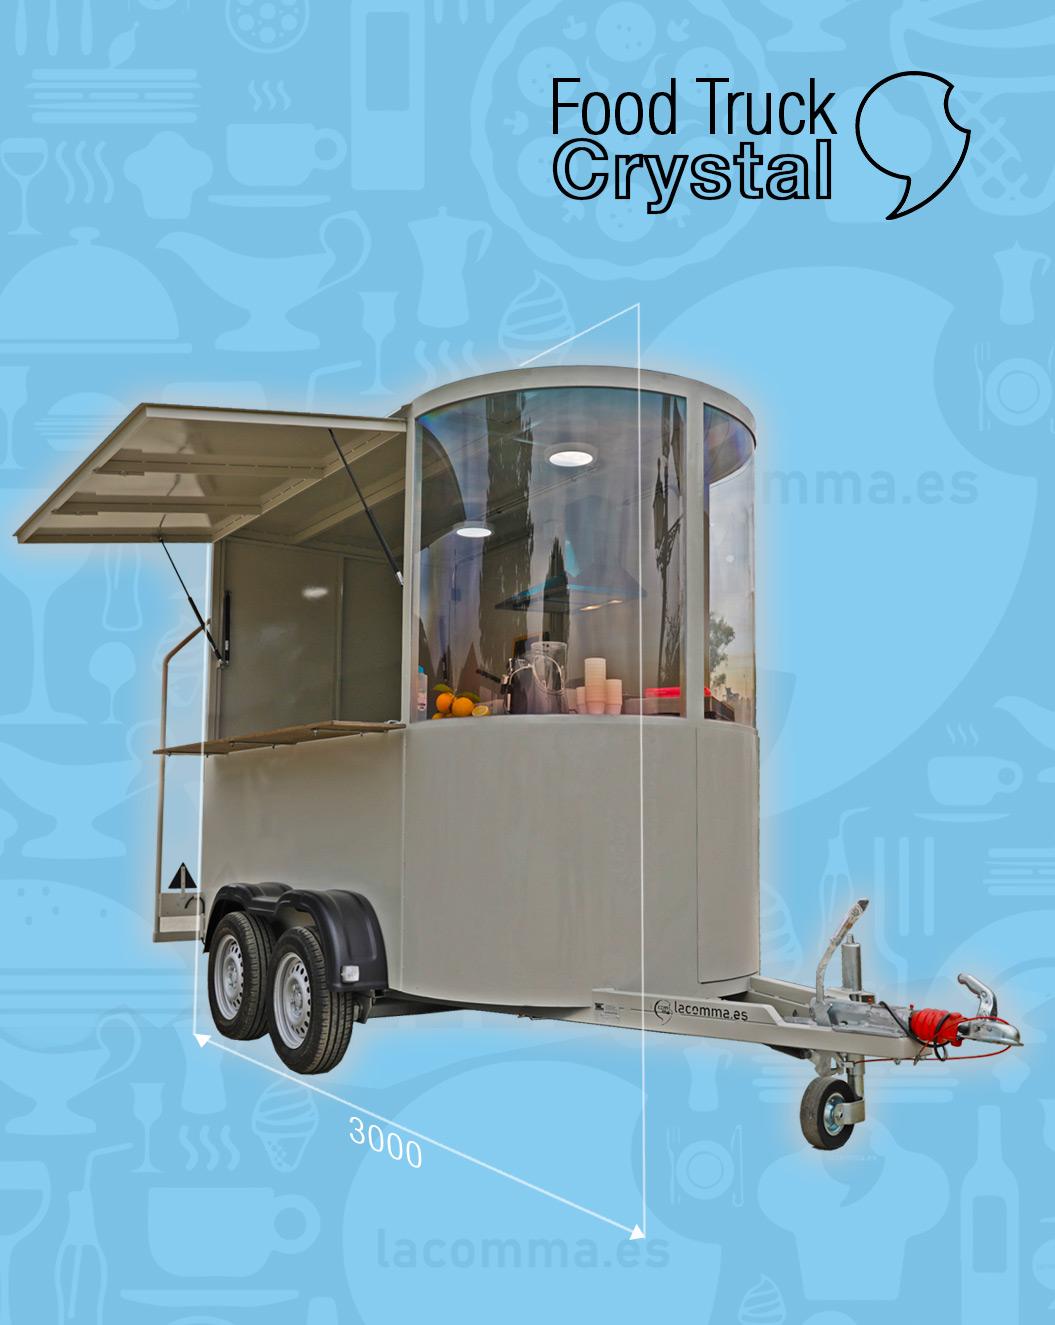 Food truck Crystal